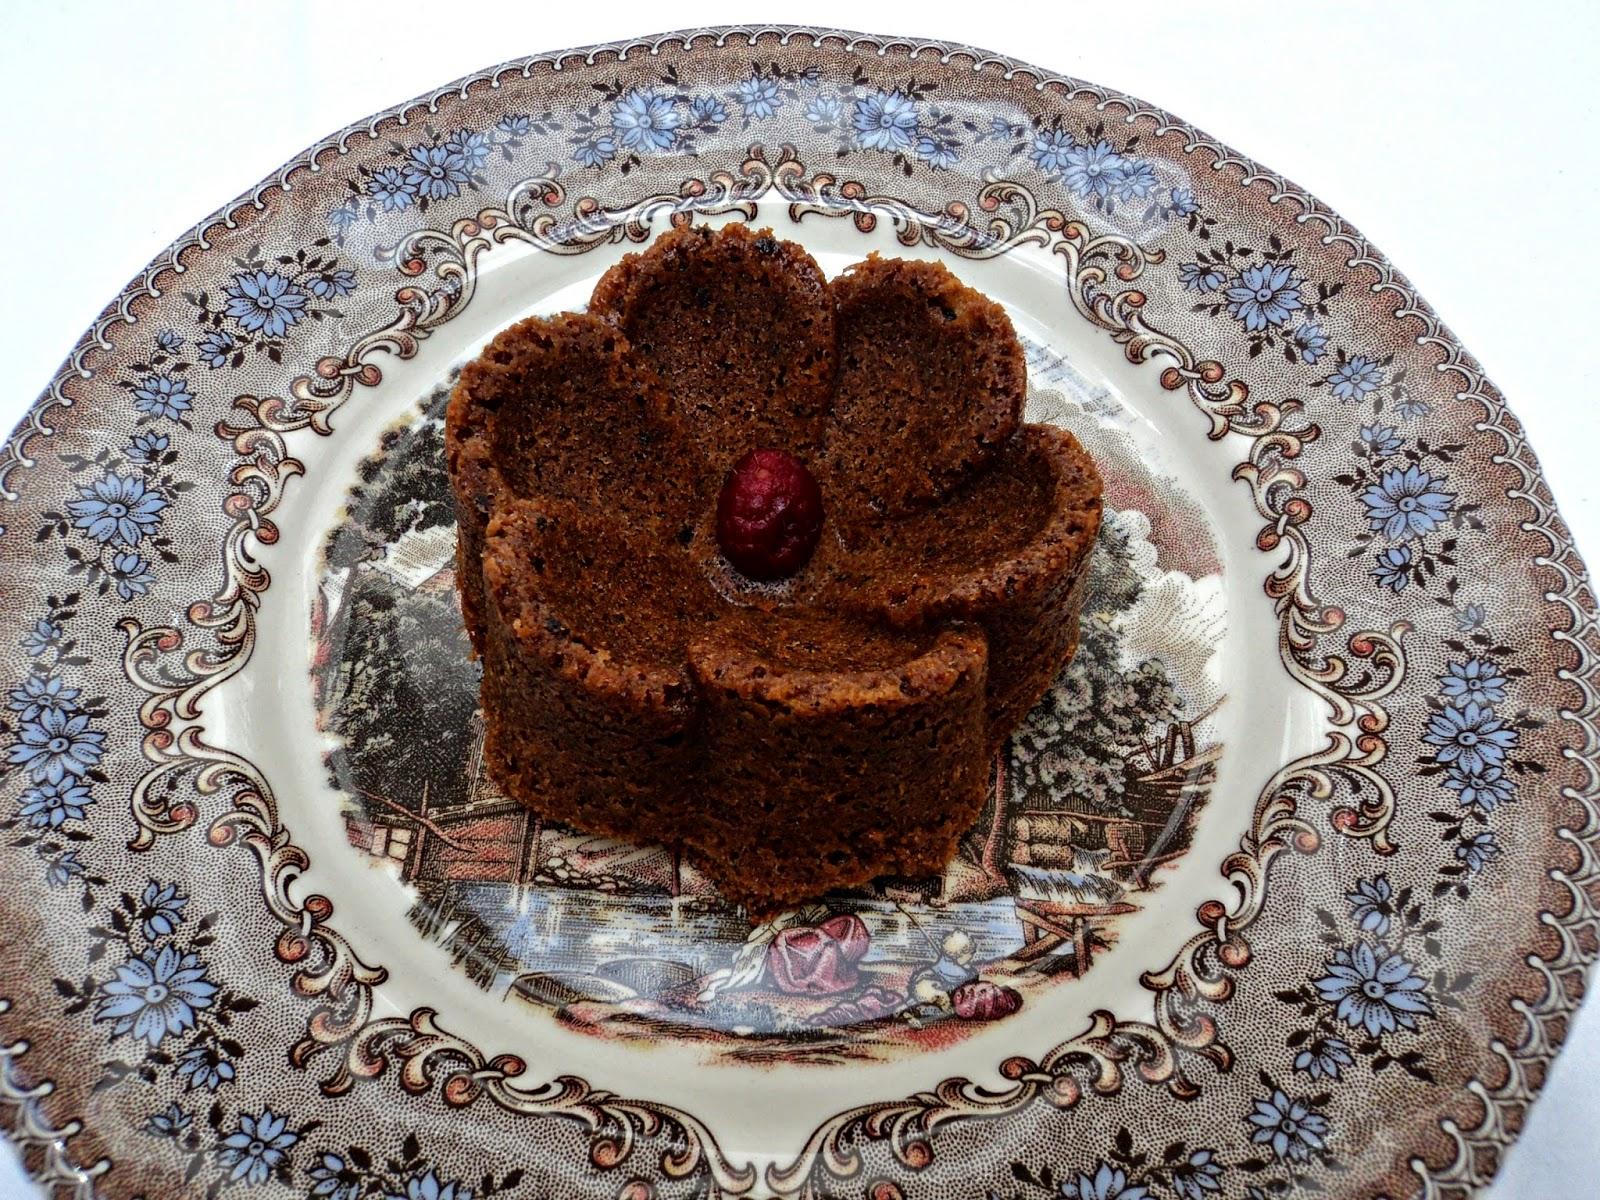 receta casera de bizcocho hecho con galletas y chocolate con oreo